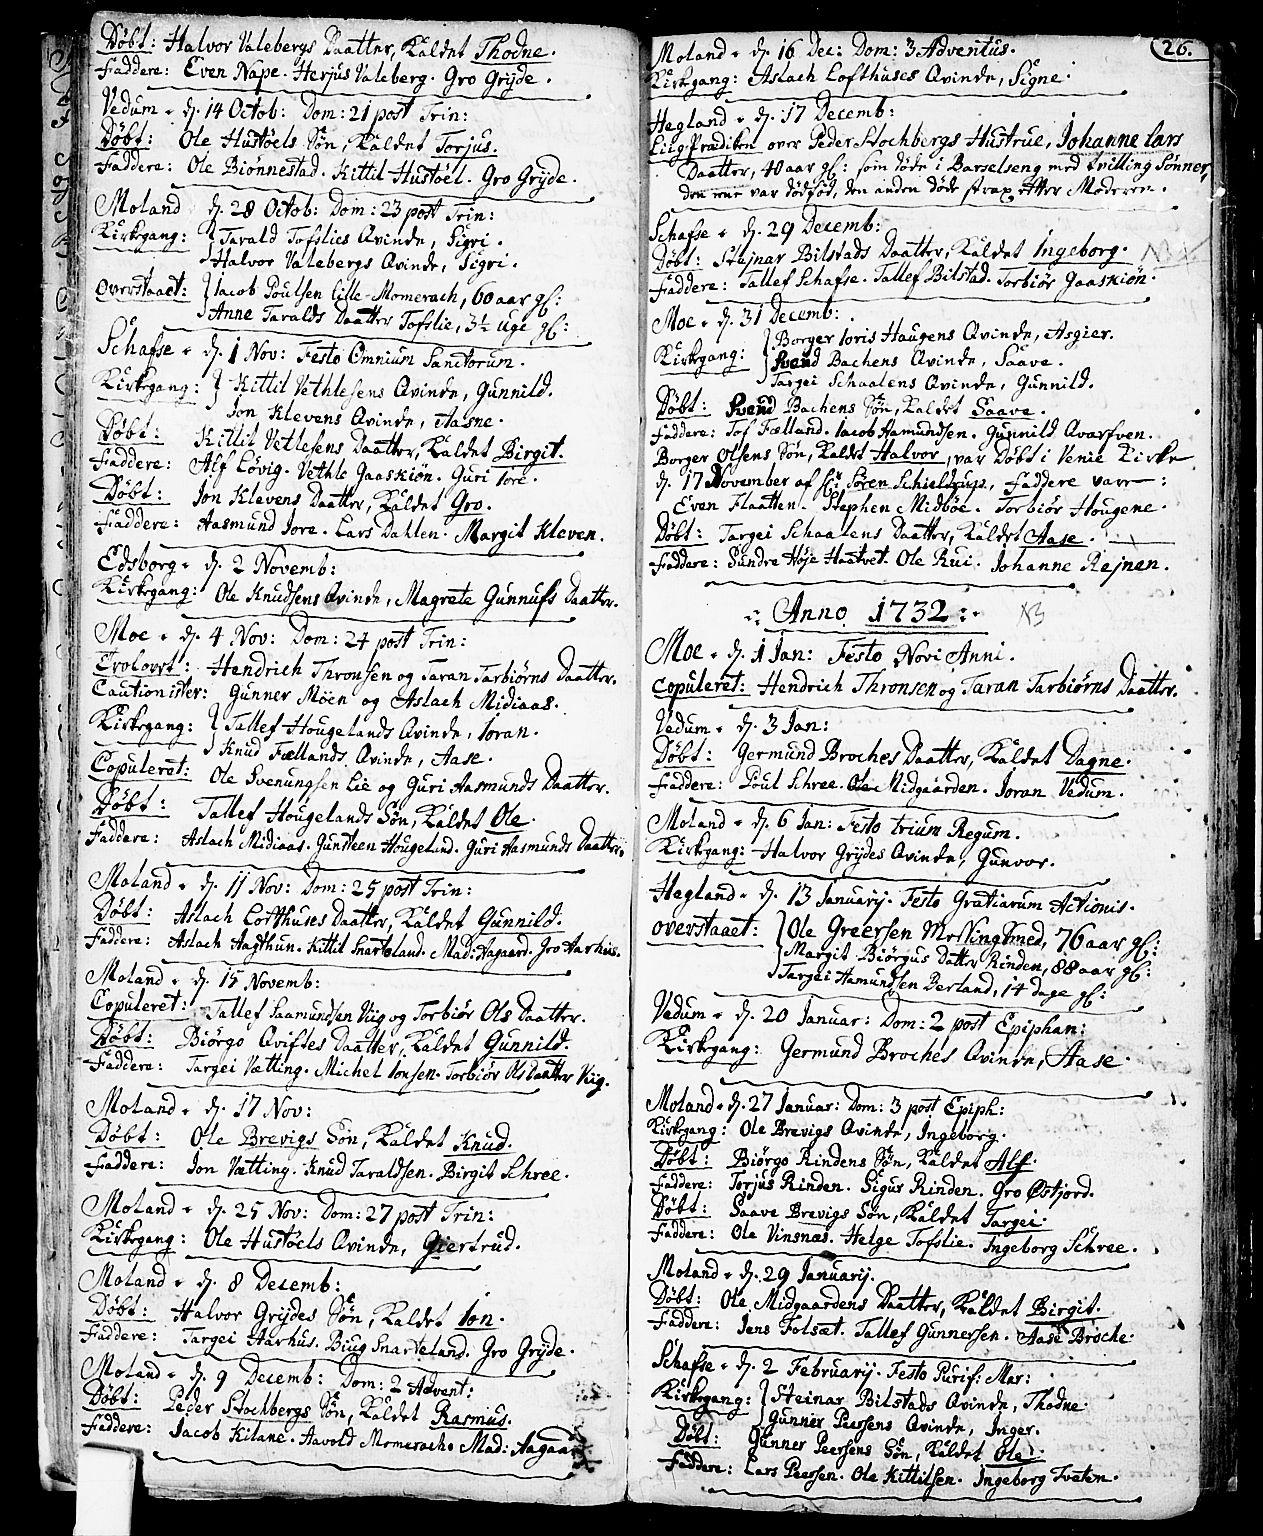 SAKO, Fyresdal kirkebøker, F/Fa/L0001: Ministerialbok nr. I 1, 1724-1748, s. 26